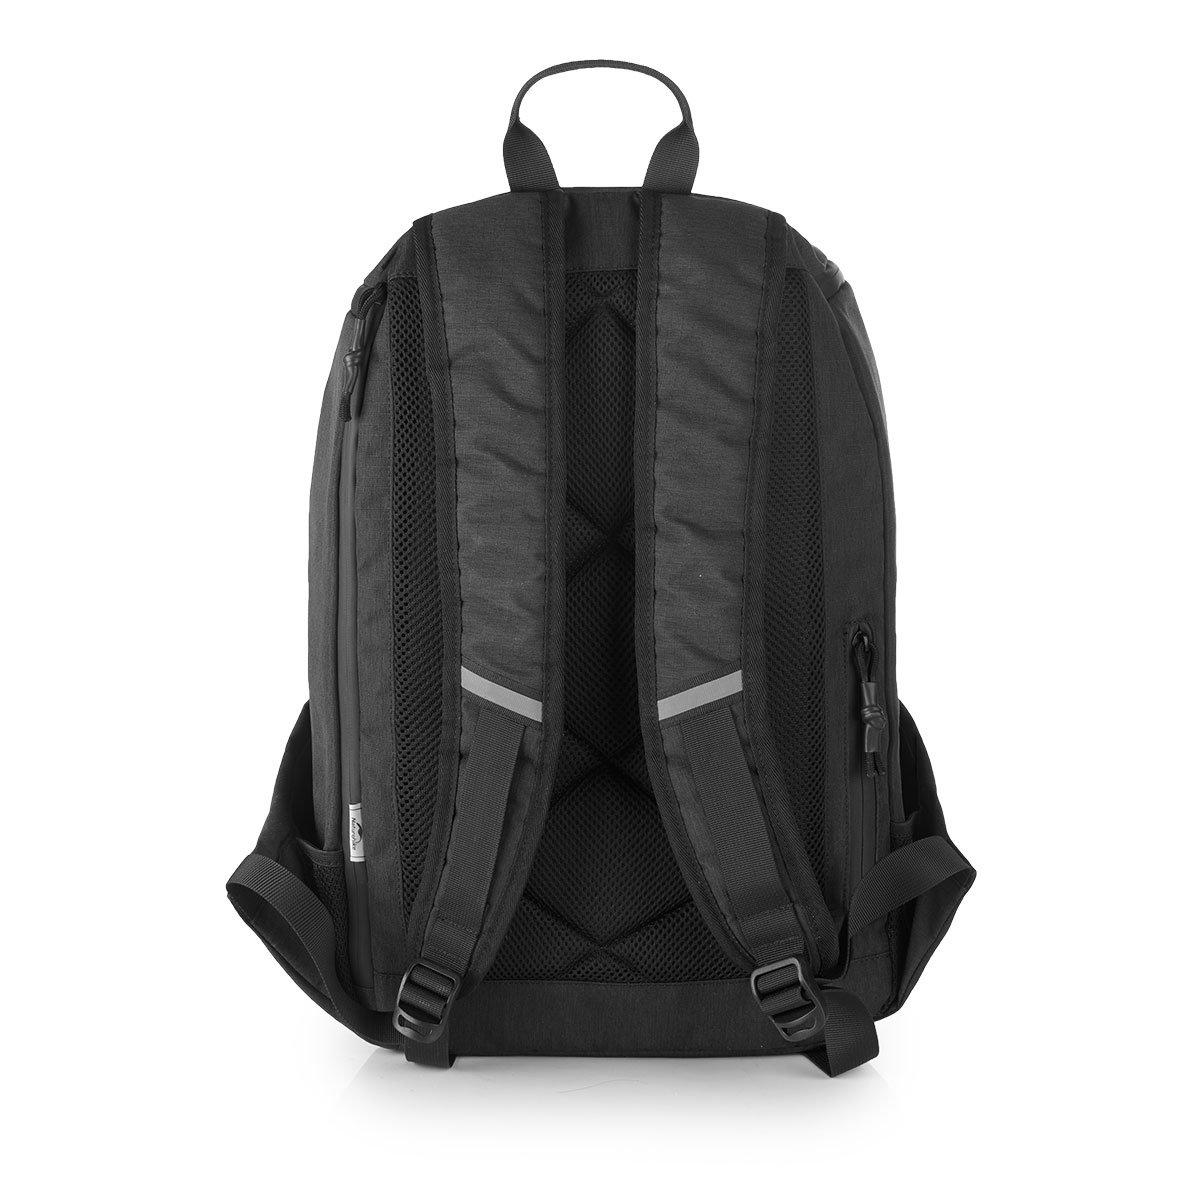 Naturehik Mochila para portátil con puerto de carga USB, bolso ligero y delgado para computadora portátil, repelente al agua, mochila de ocio para hombres y ...